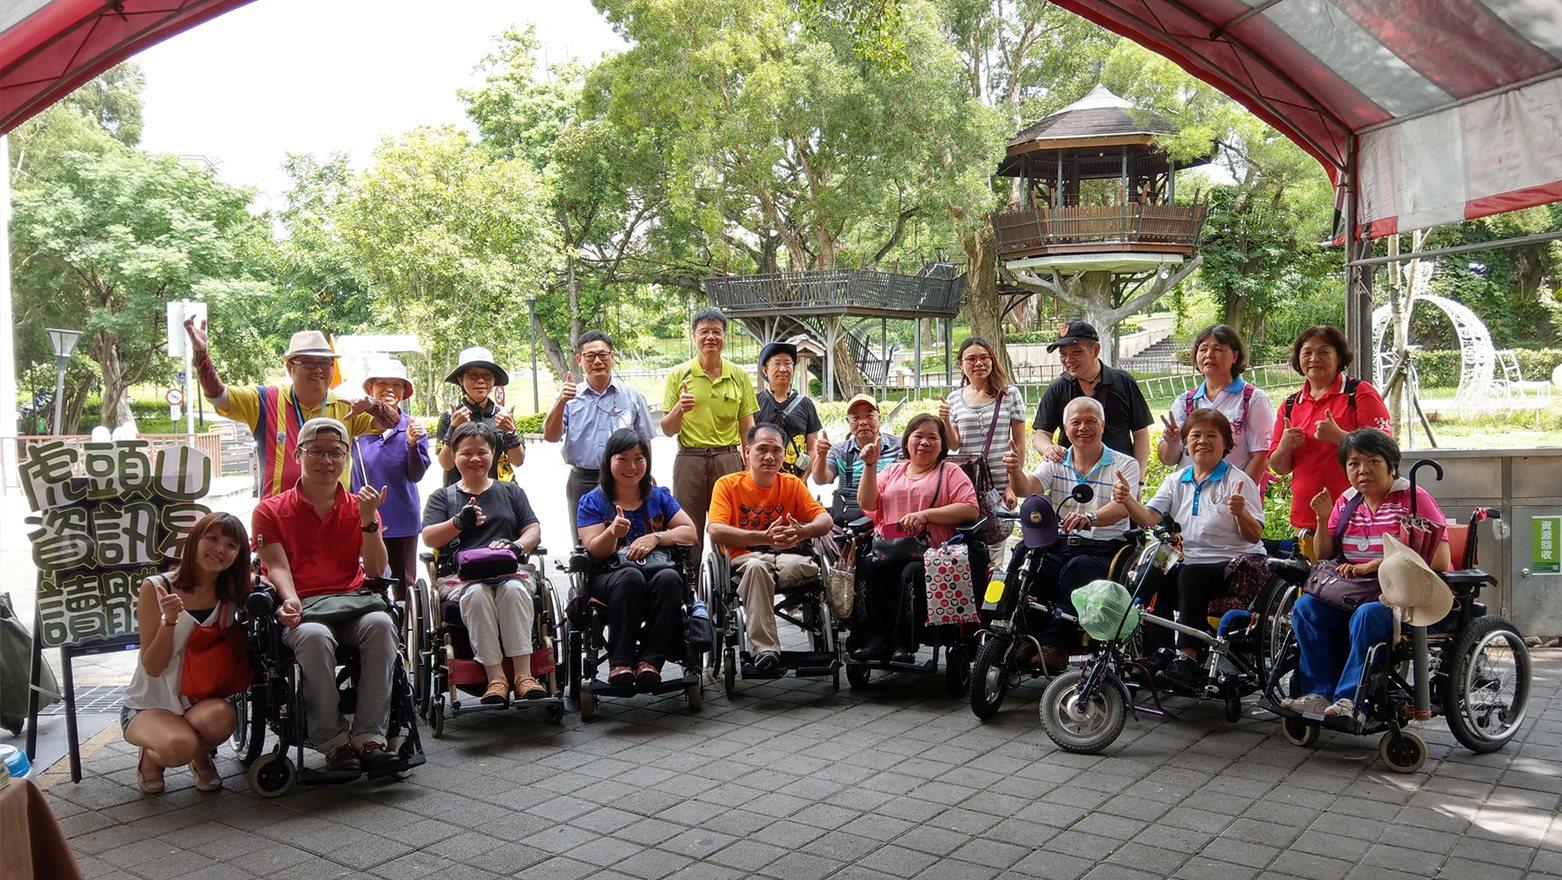 虎頭山公園資訊易讀體驗活動-團體活動合照